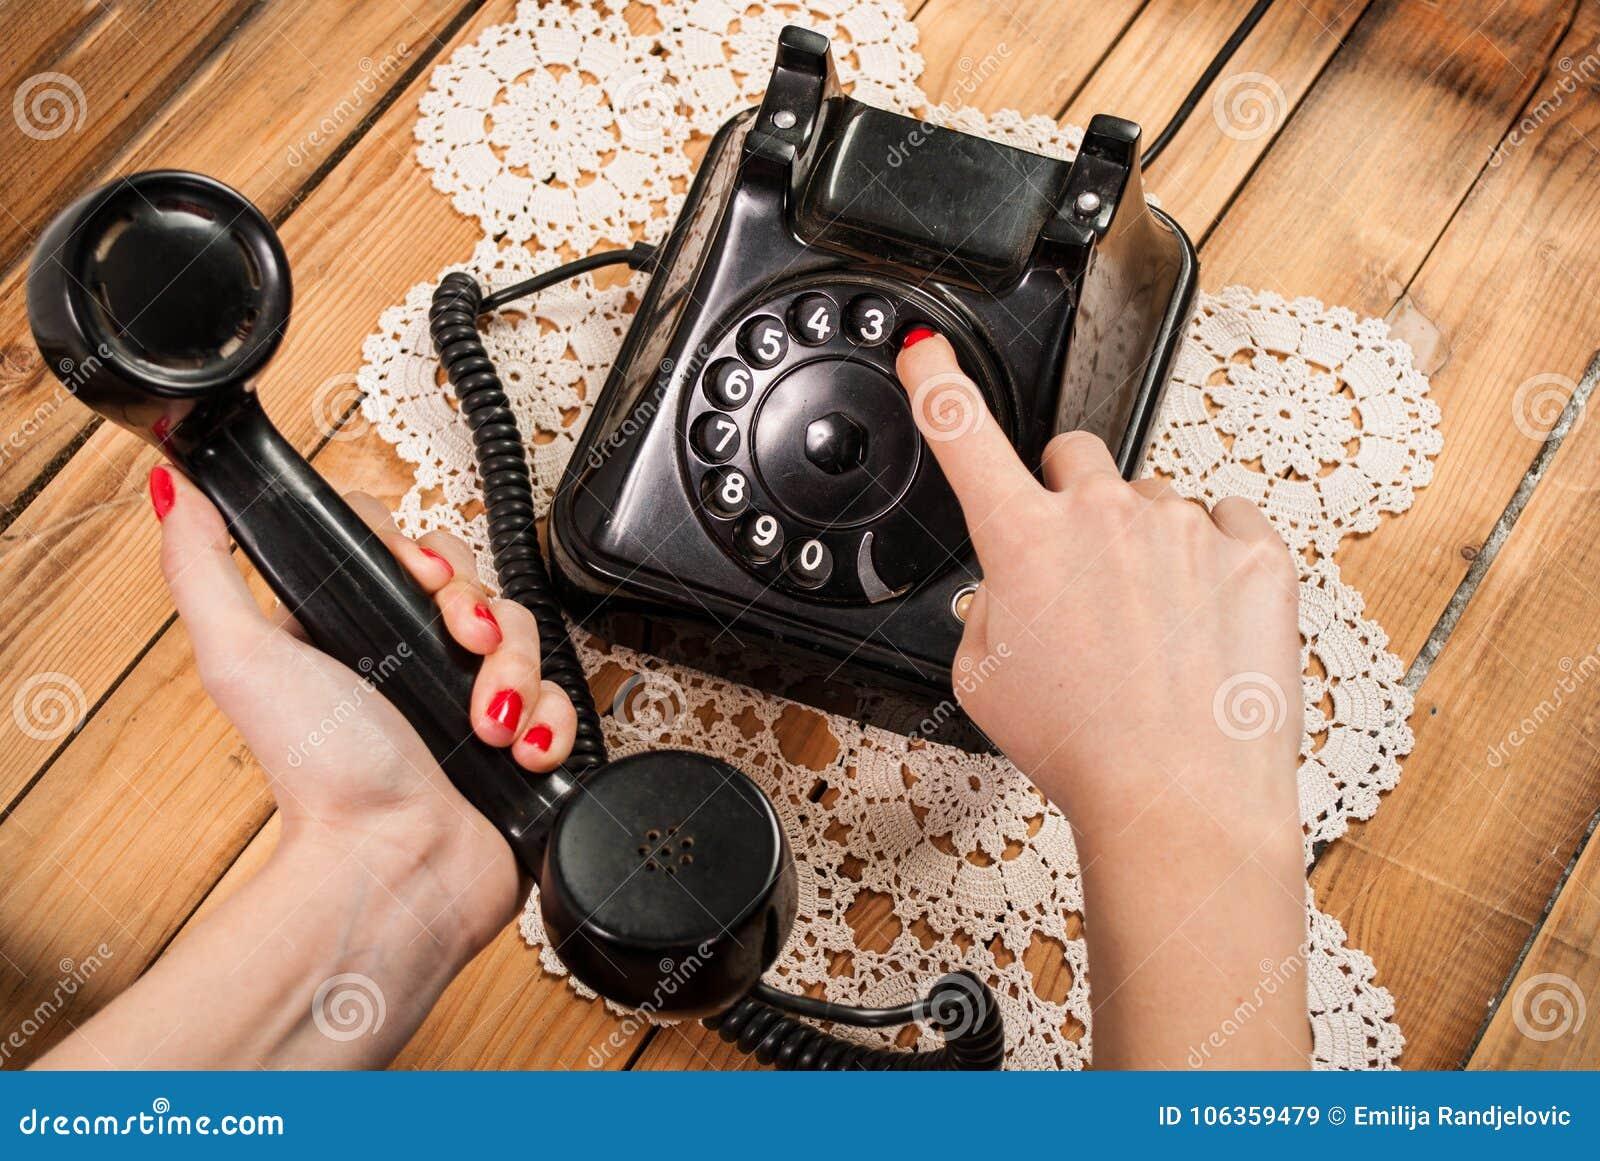 Kobiety ręka wybiera numer liczbę na starym telefonie na koronkowych tablecloths i drewnianym tle